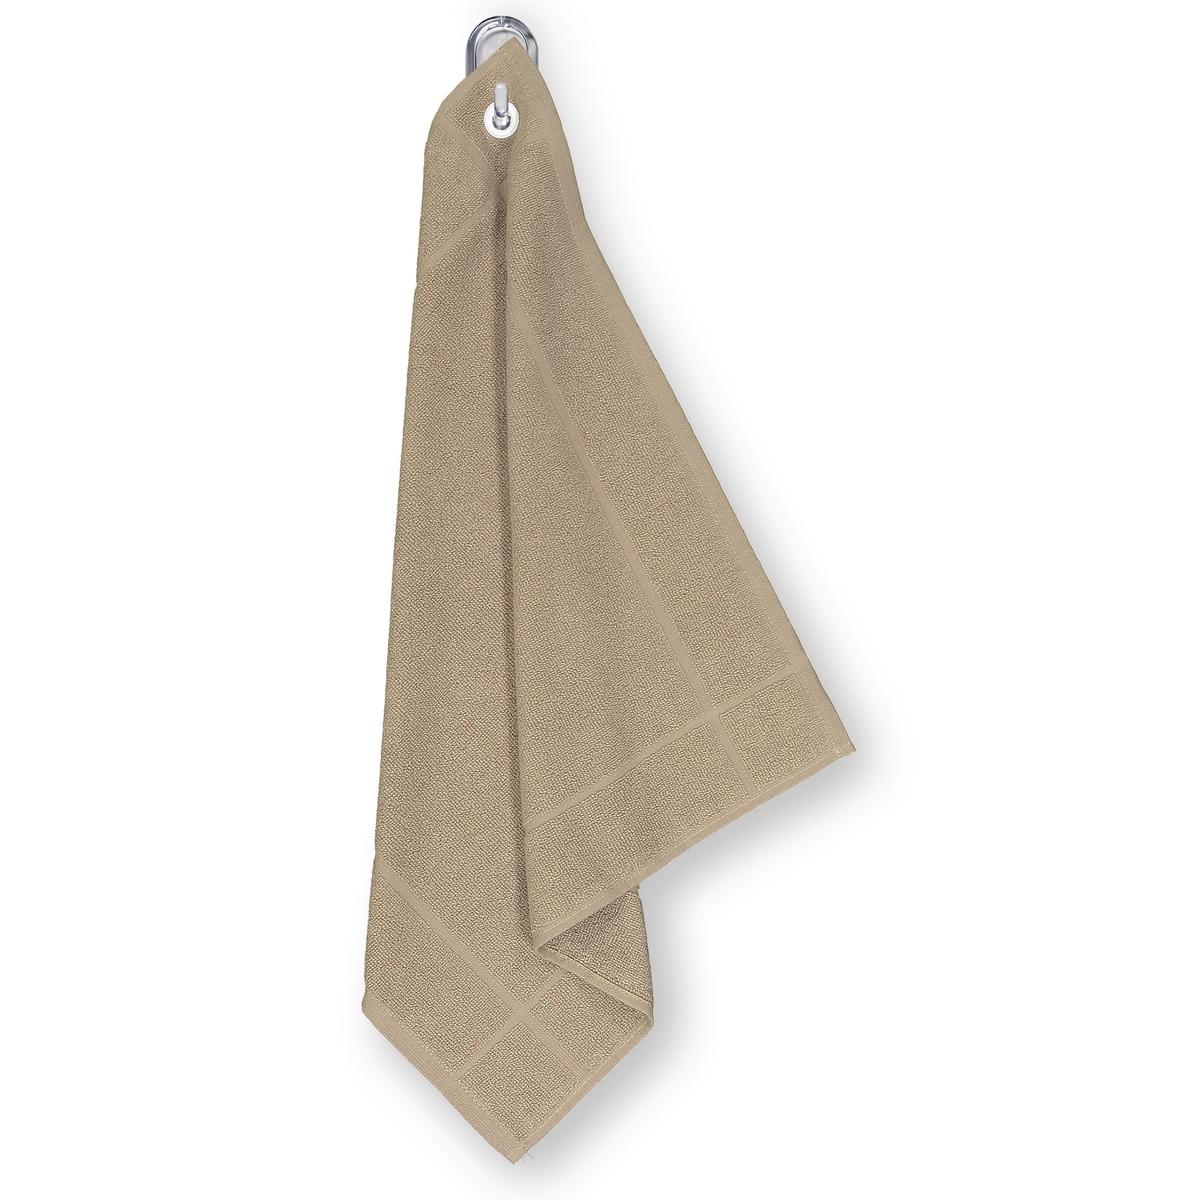 Полотенце для рук из махровой ткани 100% хлопок с люверсом [супермаркет] hing jingdong полотенца сушка хлопчатобумажные 32 взрослых полотенце три загружено 32 72см смешение цветов